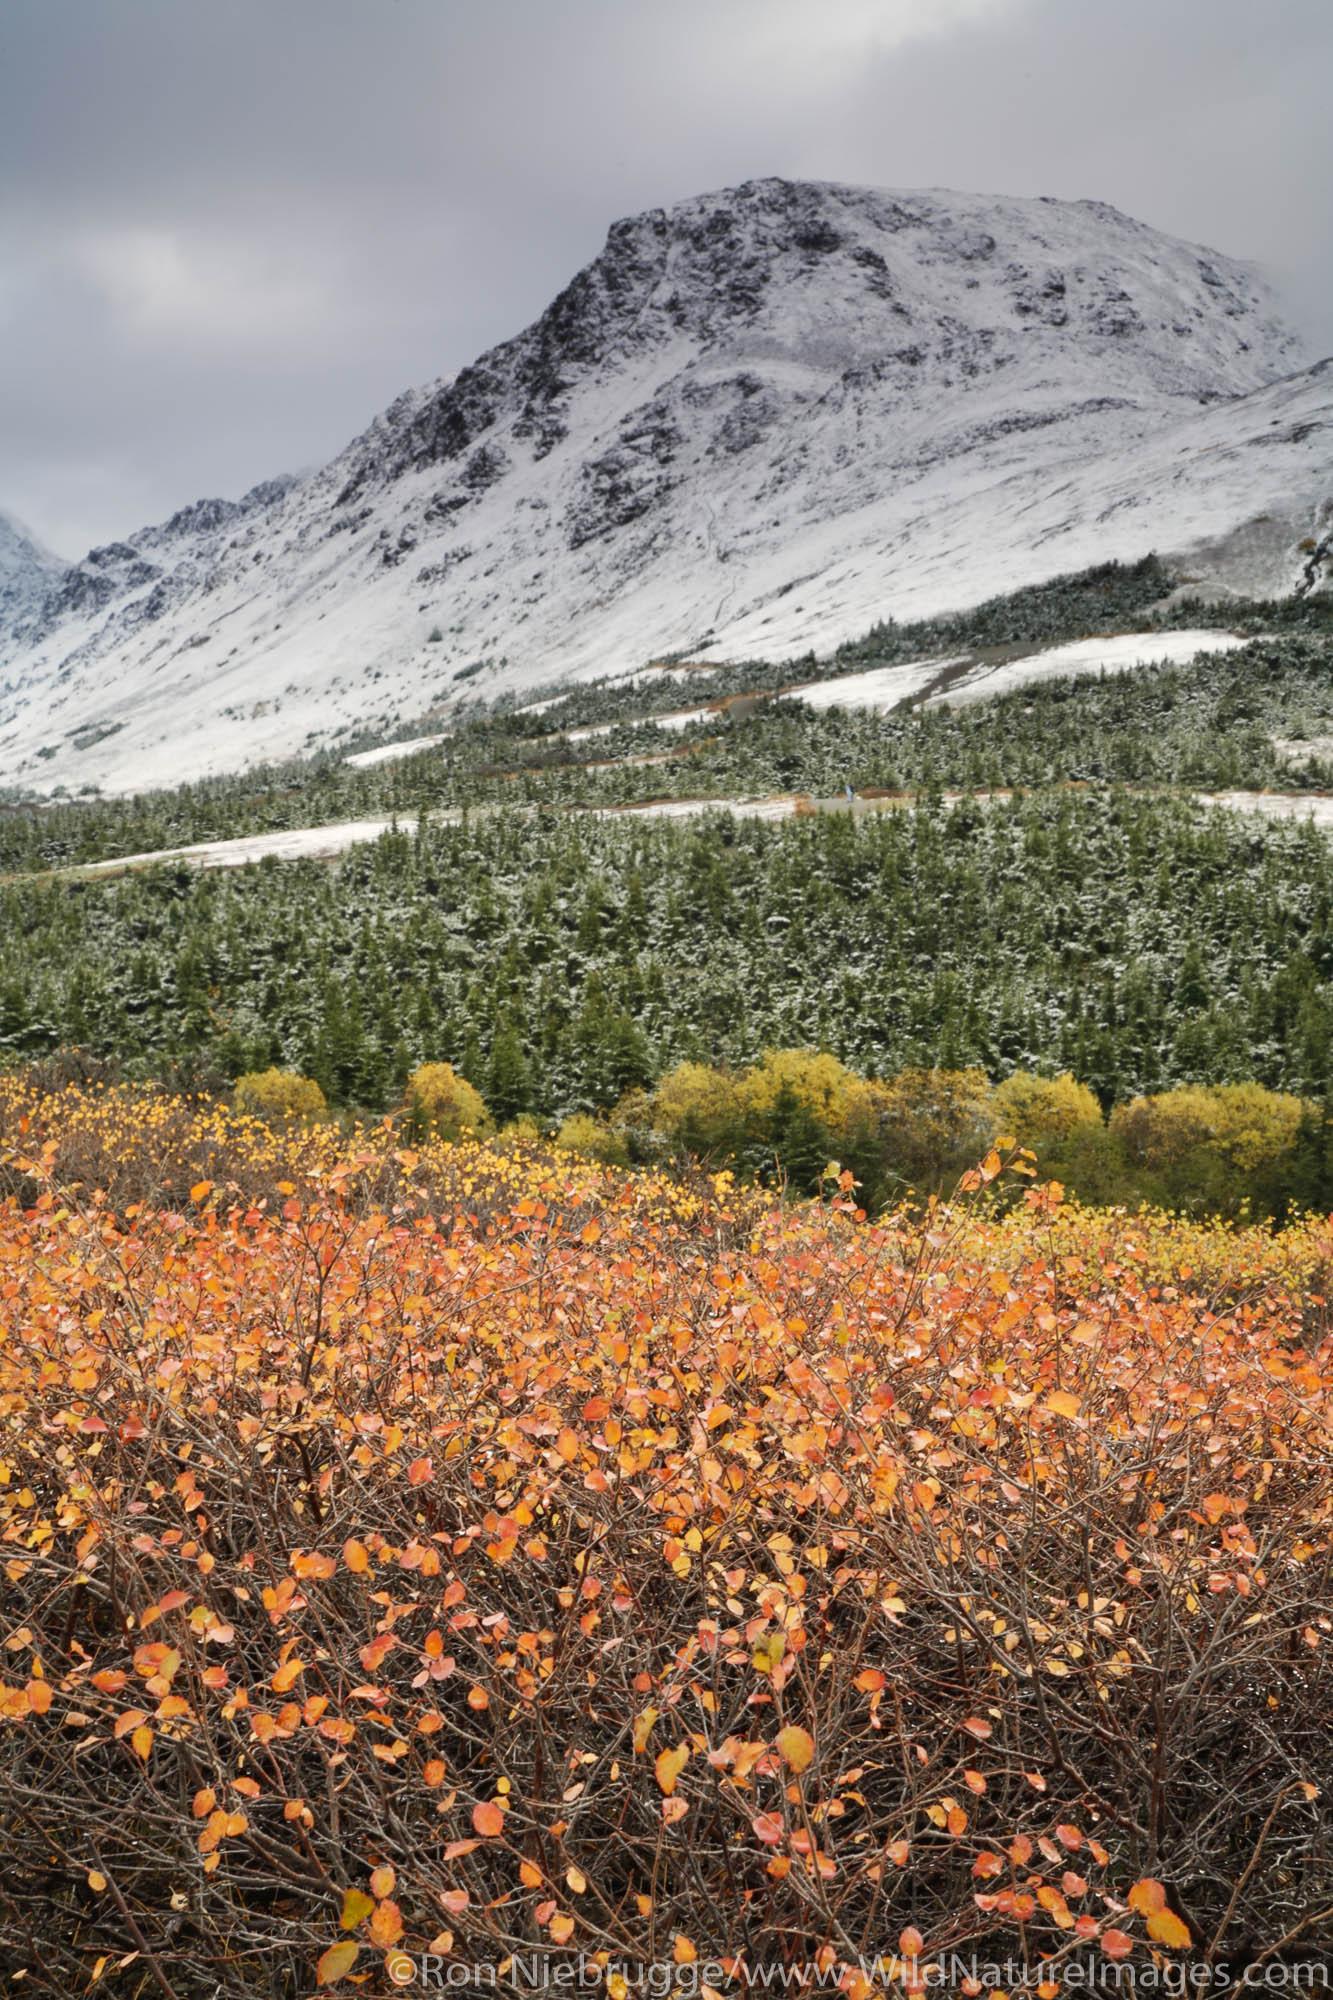 Autumn in Chugach State Park Chugach Mountains Anchorage Alaska.